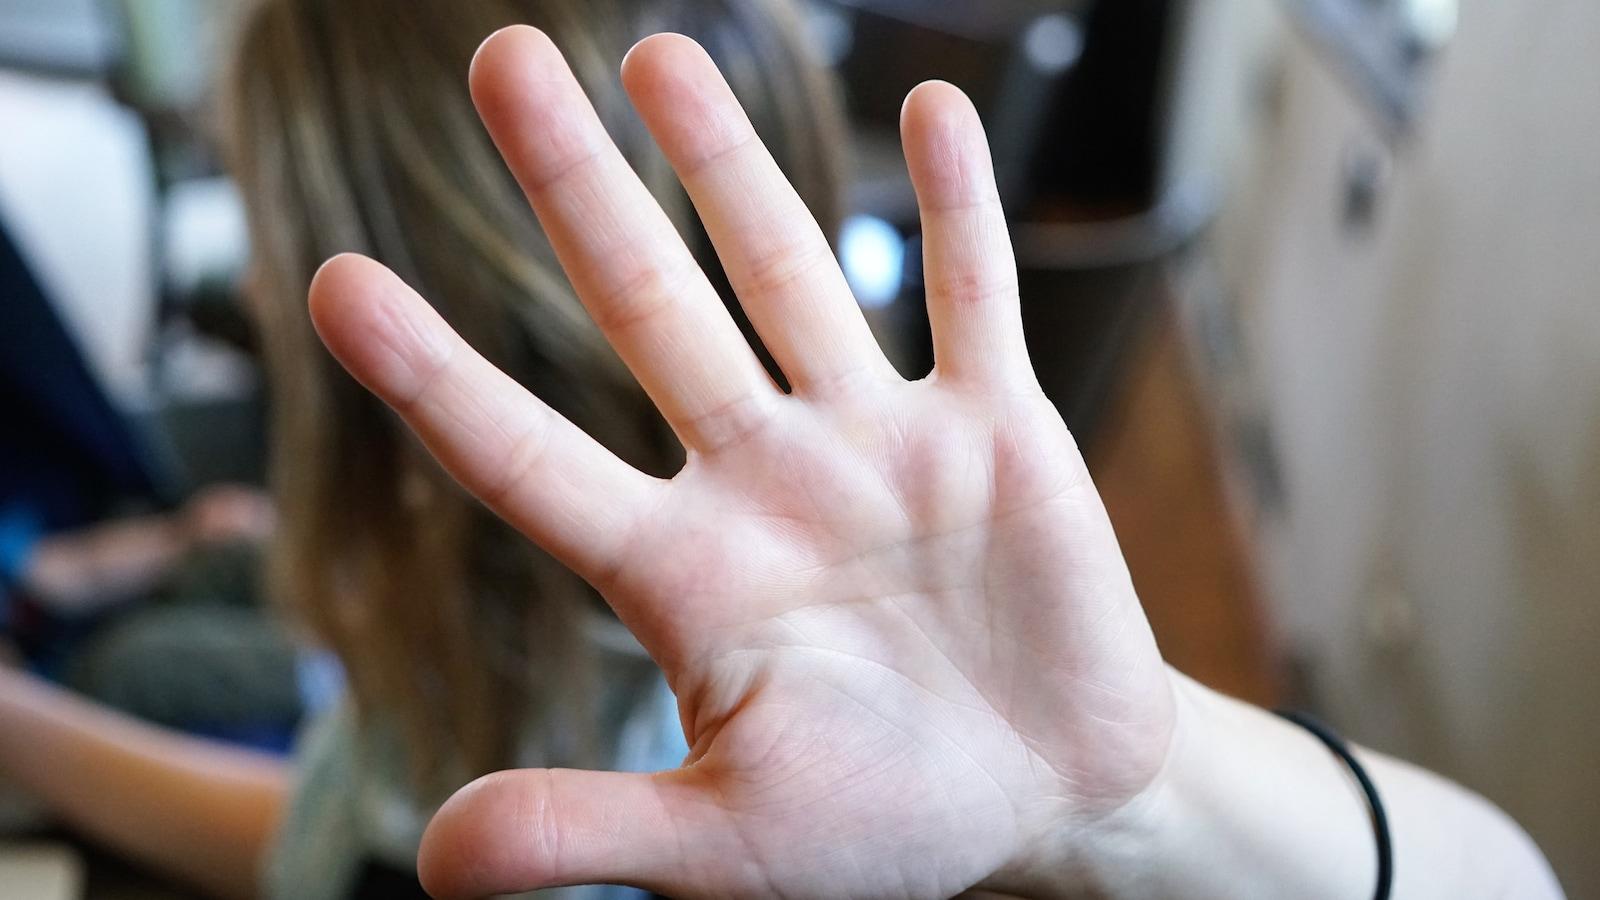 Une femme se défend d'un agresseur.